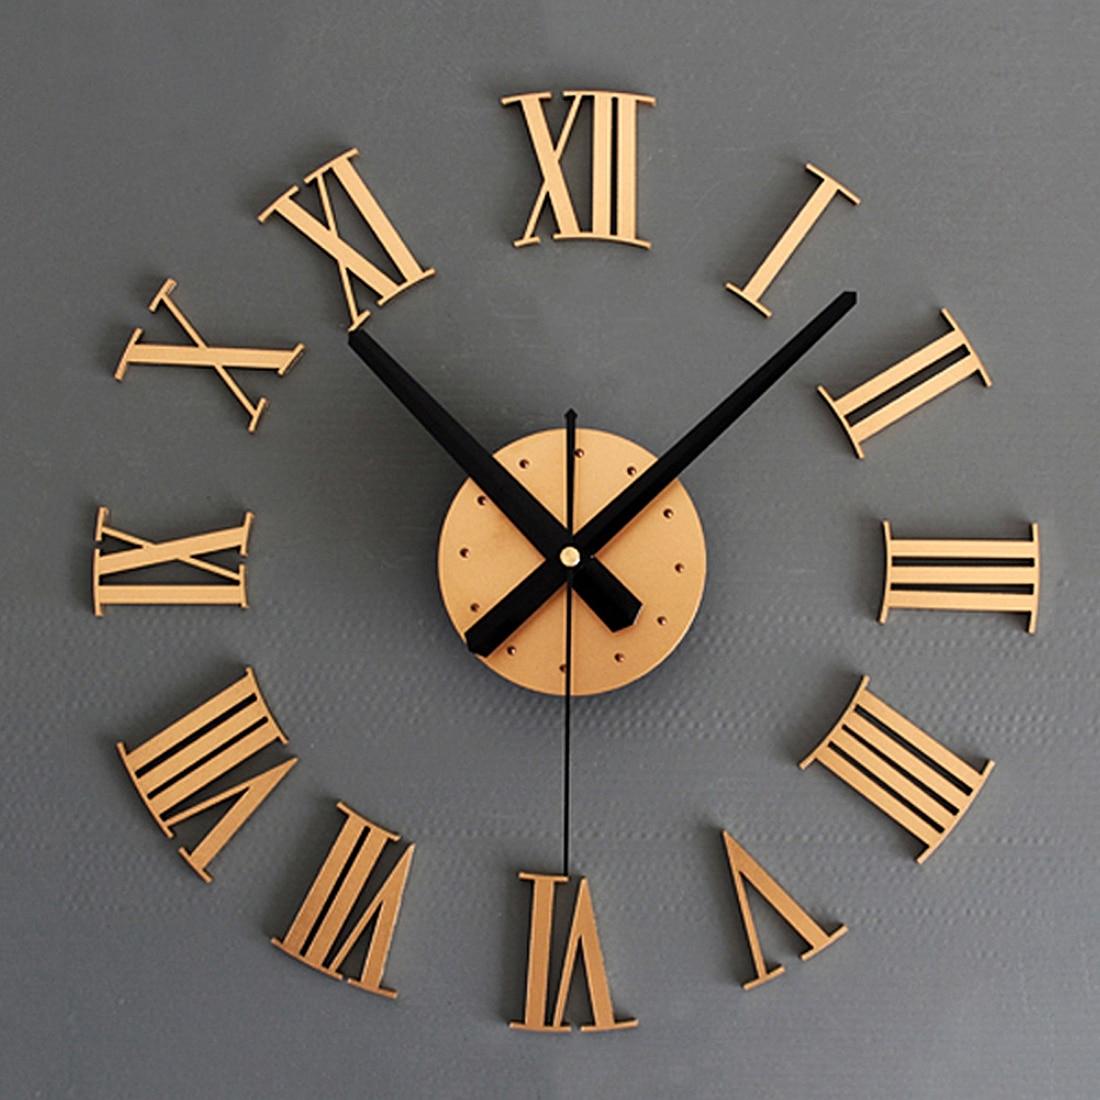 Praktische DIY Luxus 3D Römischen ziffern Wanduhr Große Größe Home Dekoration Kunst Uhr HEIßER (farbe: gold)